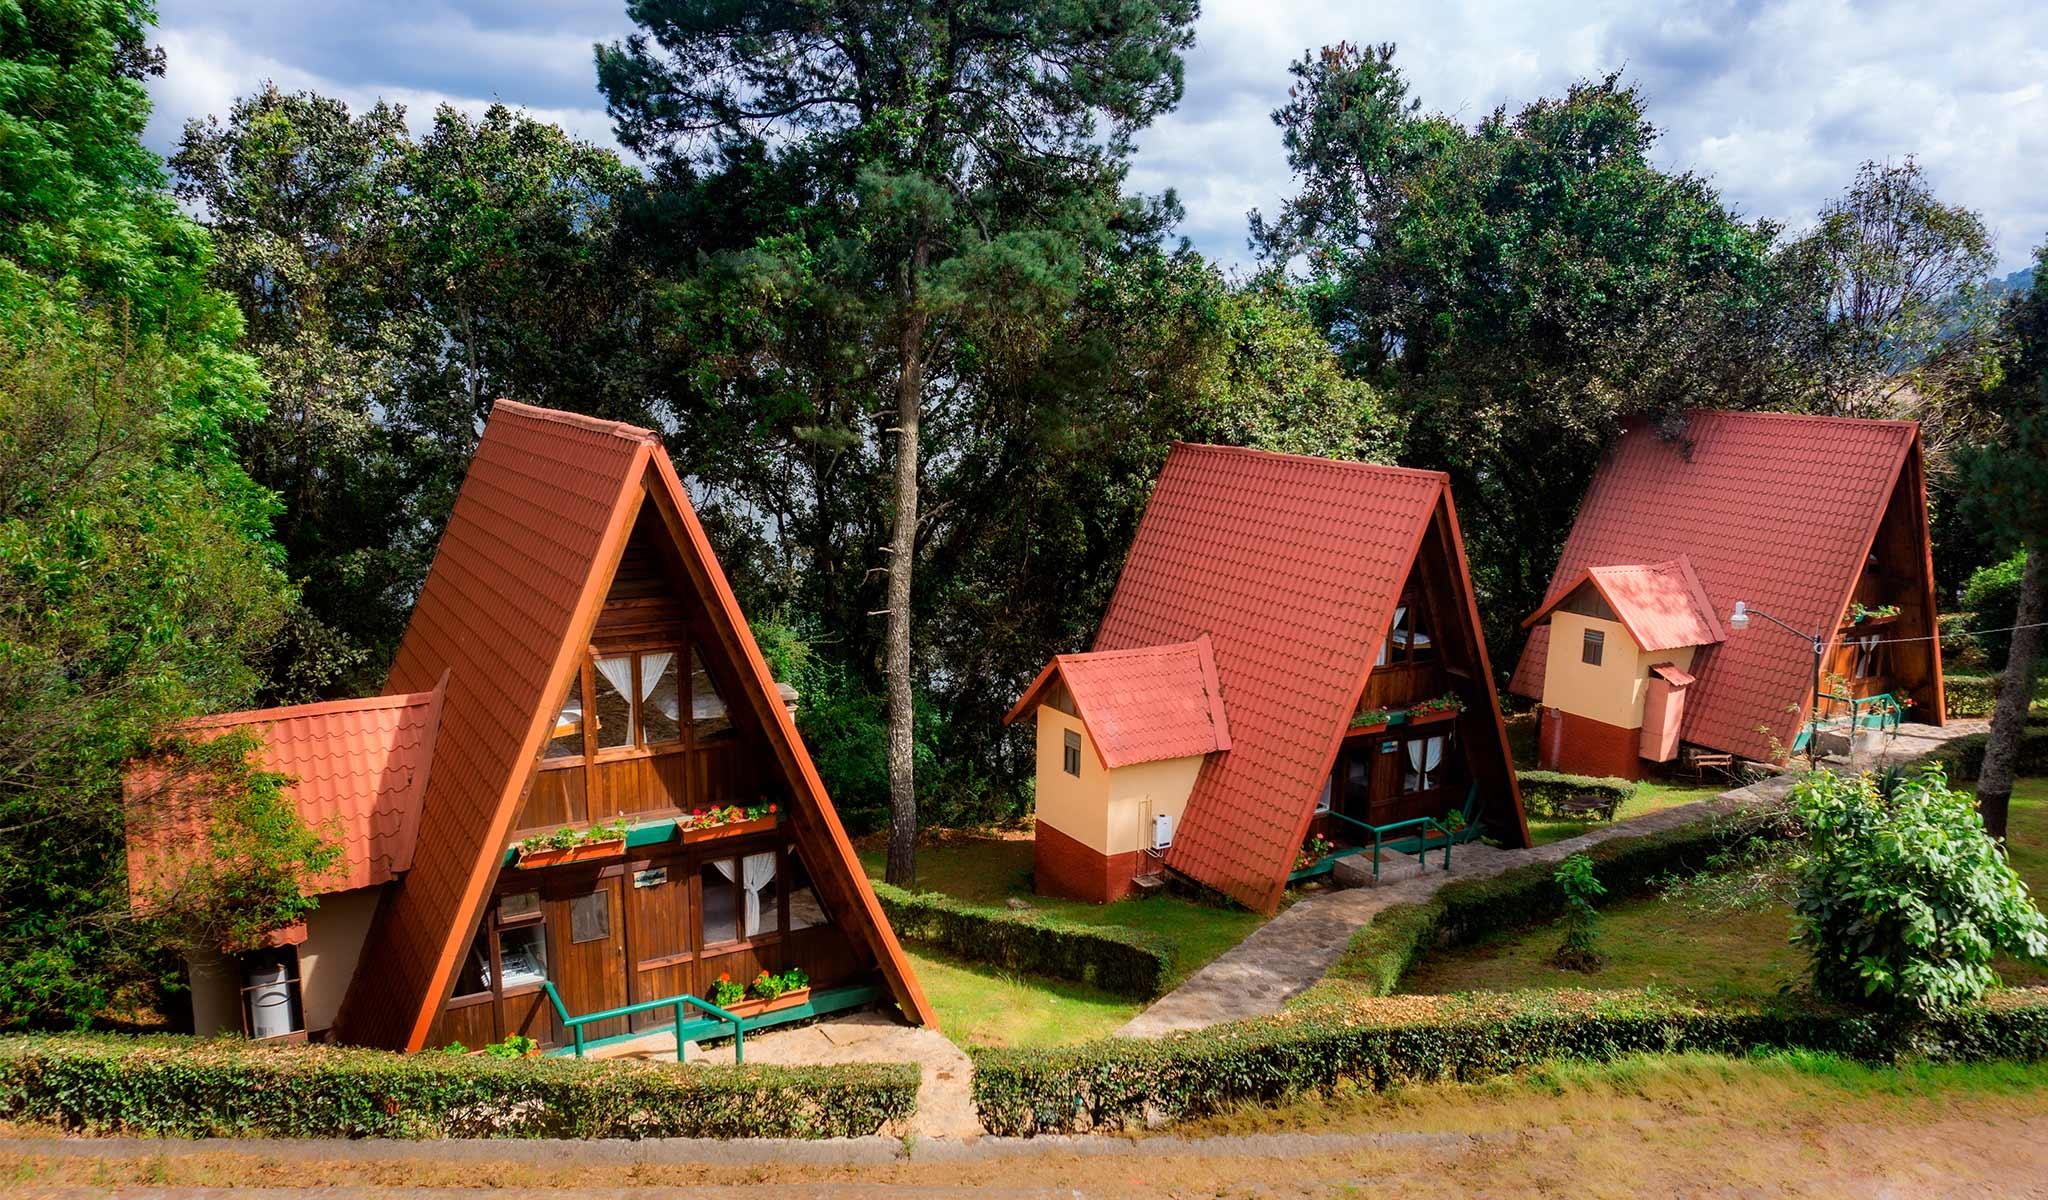 Zirahuén Forest & Resort